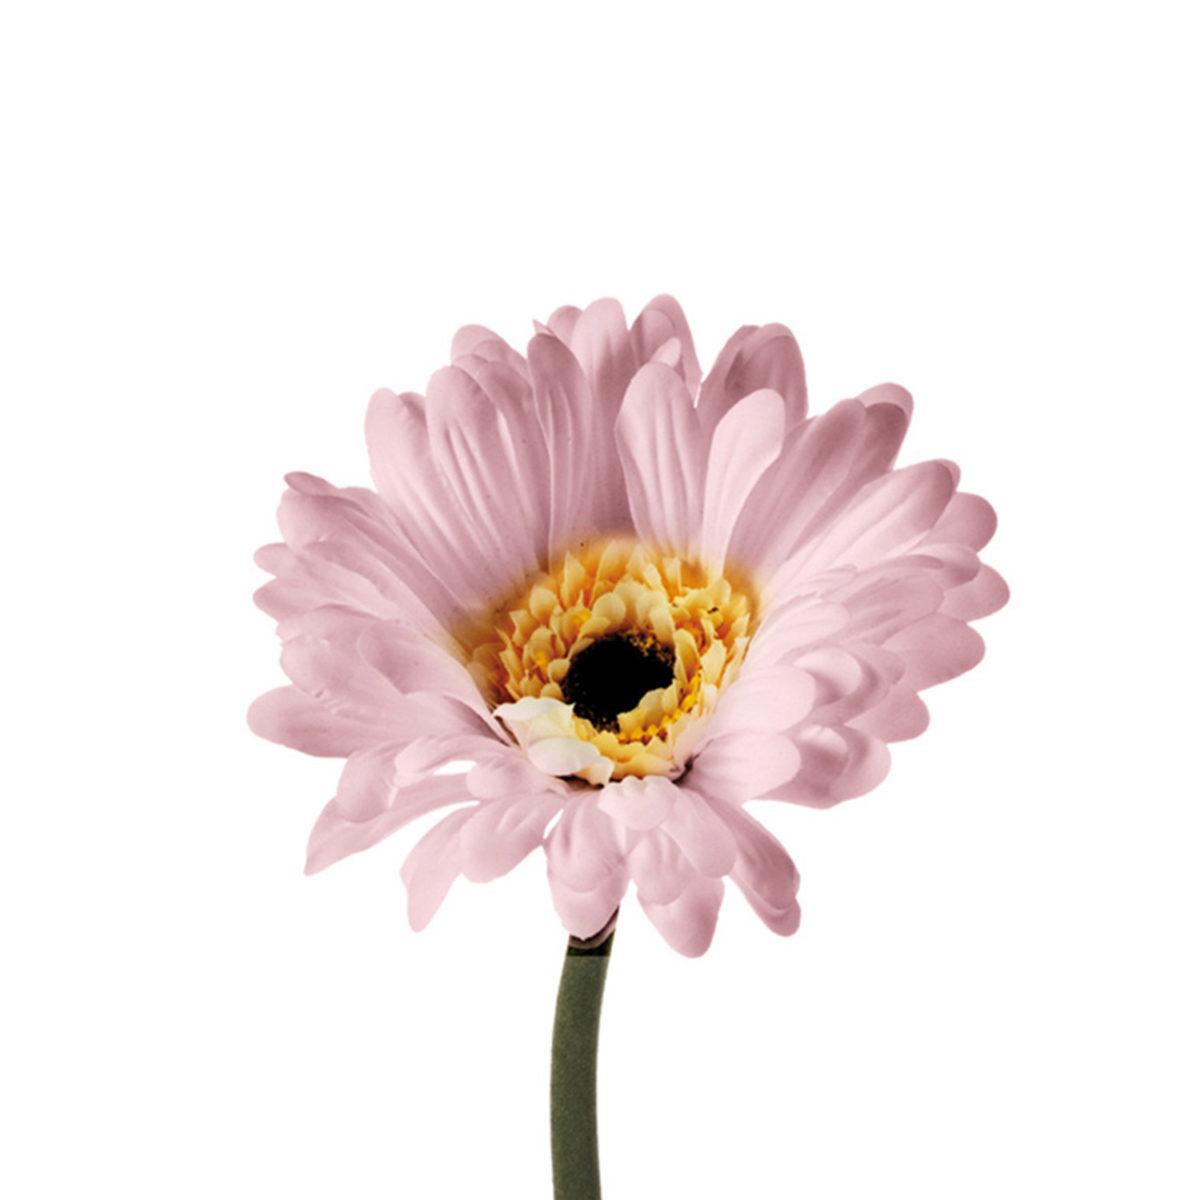 hc1724.jpg 1 1200x1200 - Floare decorativă Gerbera creme/white 50 cm (L056963)